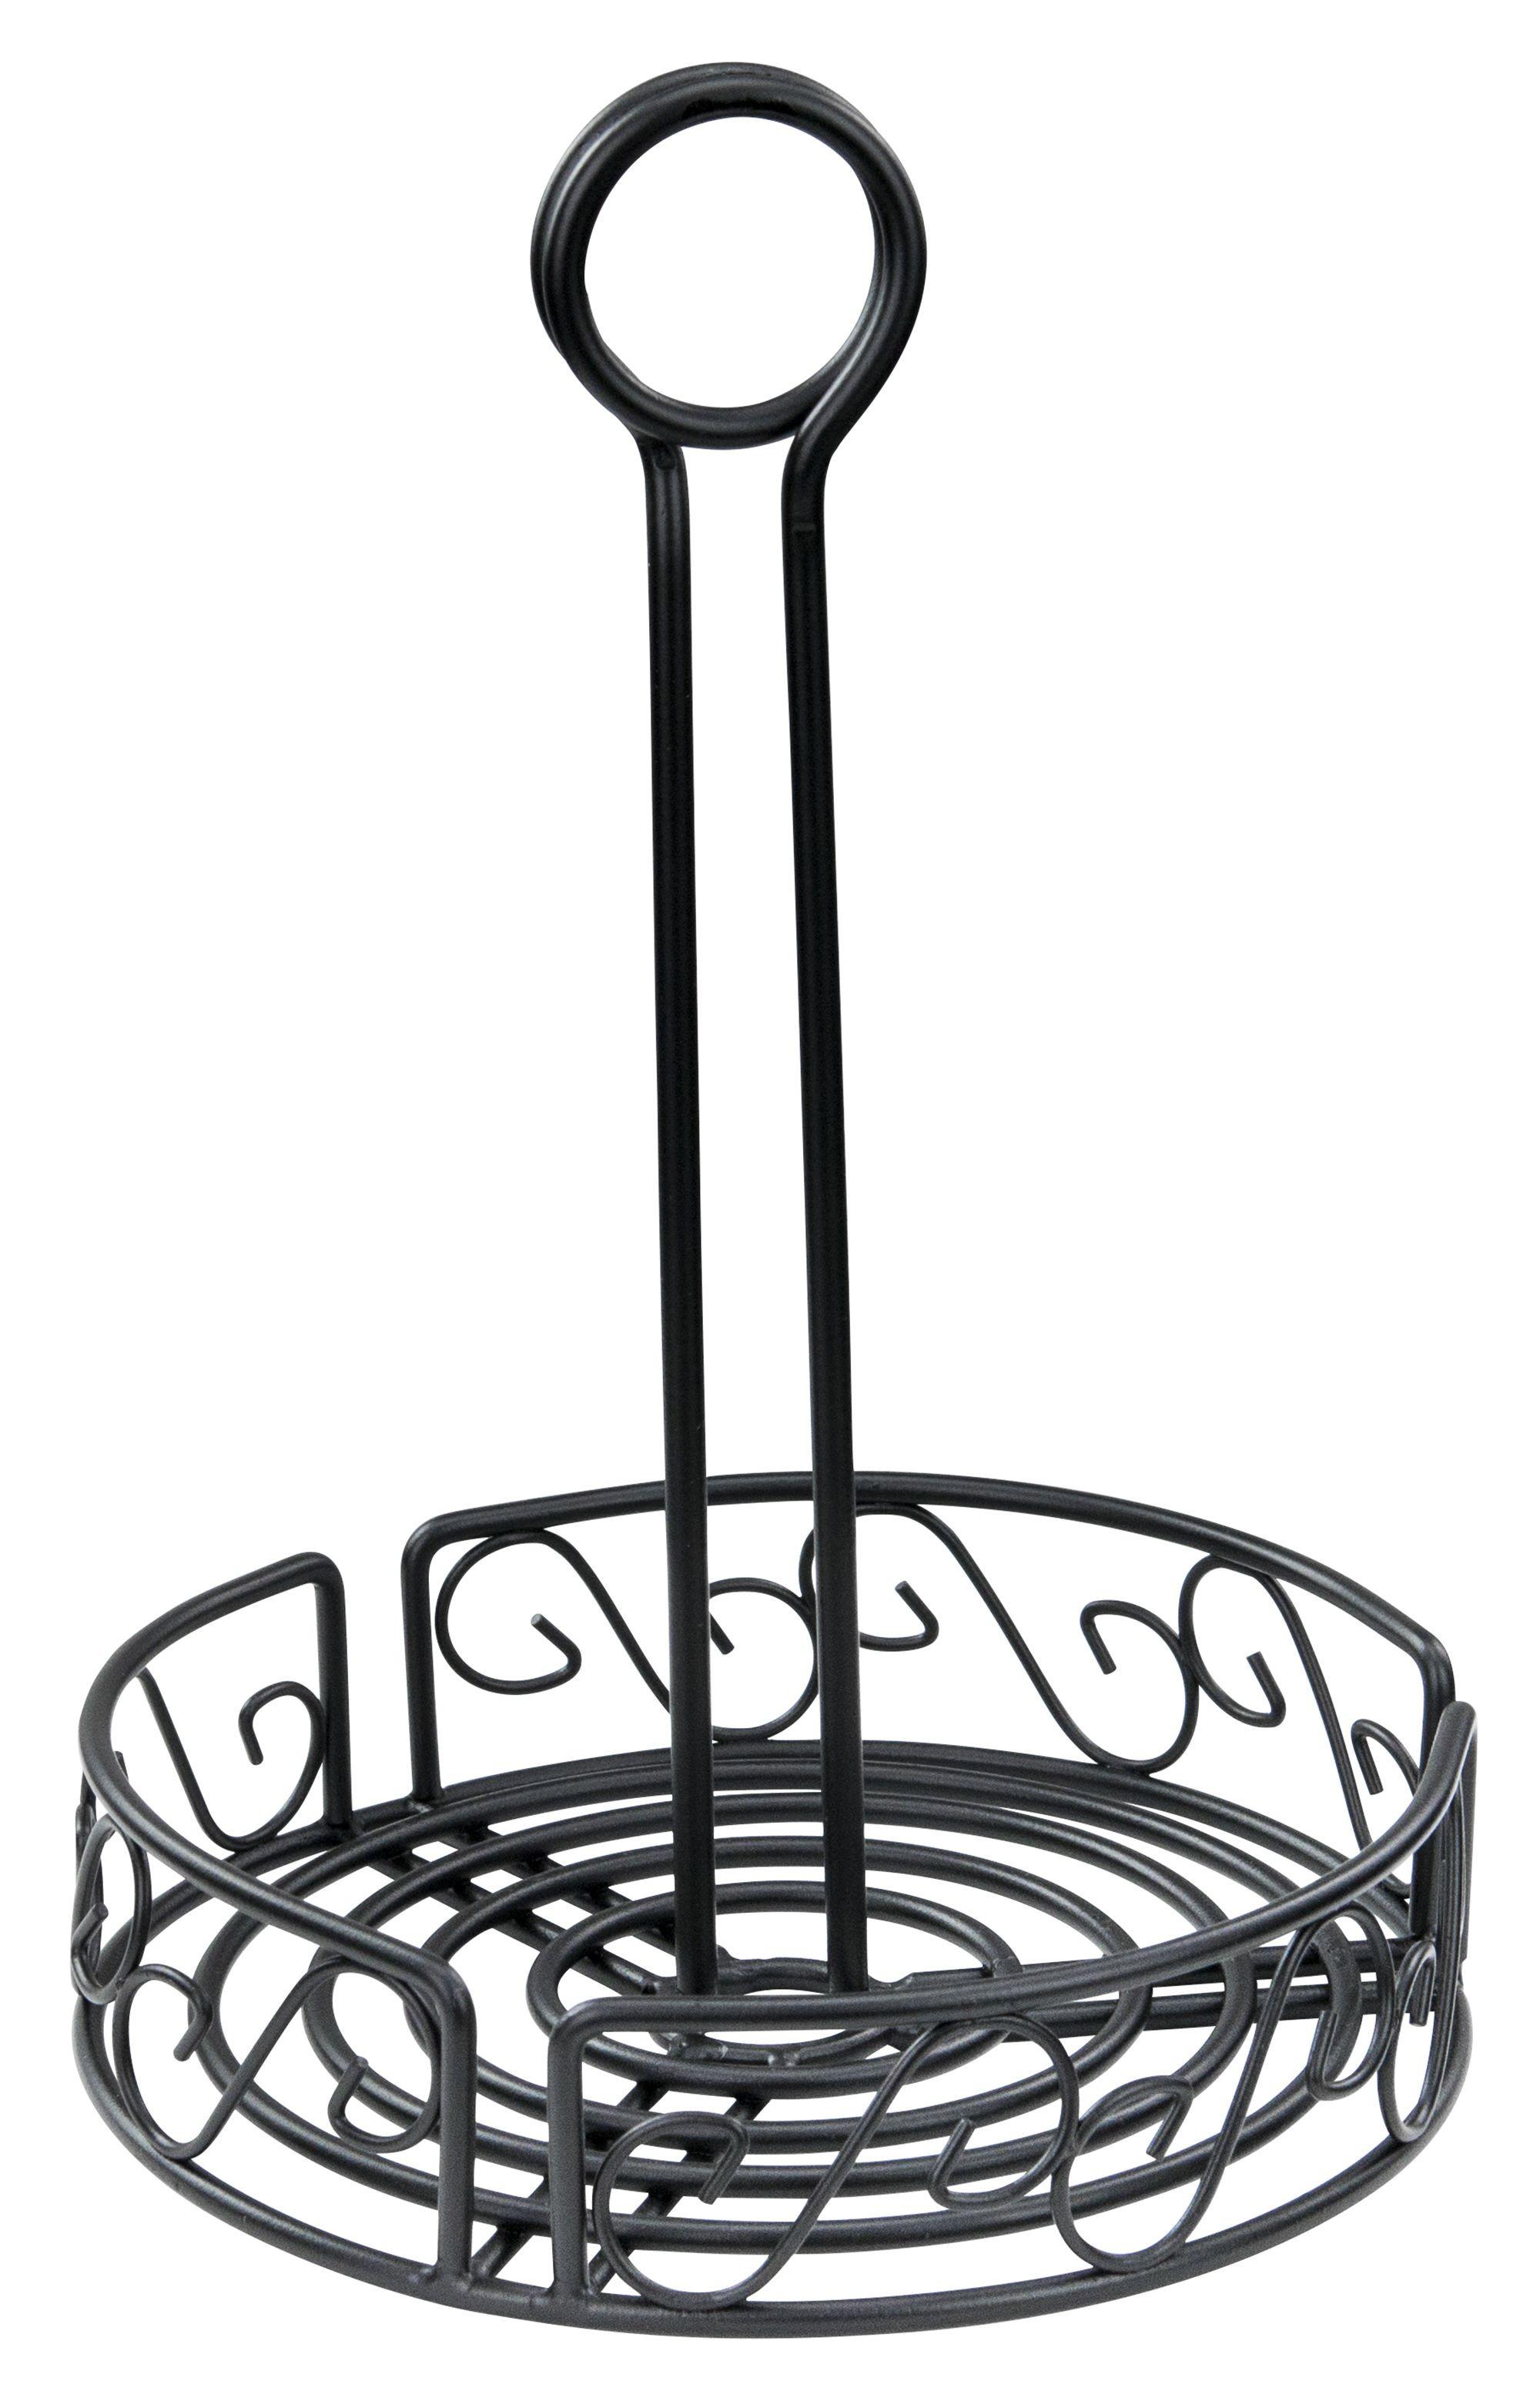 Winco Wbkh 6r Round Black Wire Condiment Caddy 6 1 4 X 9